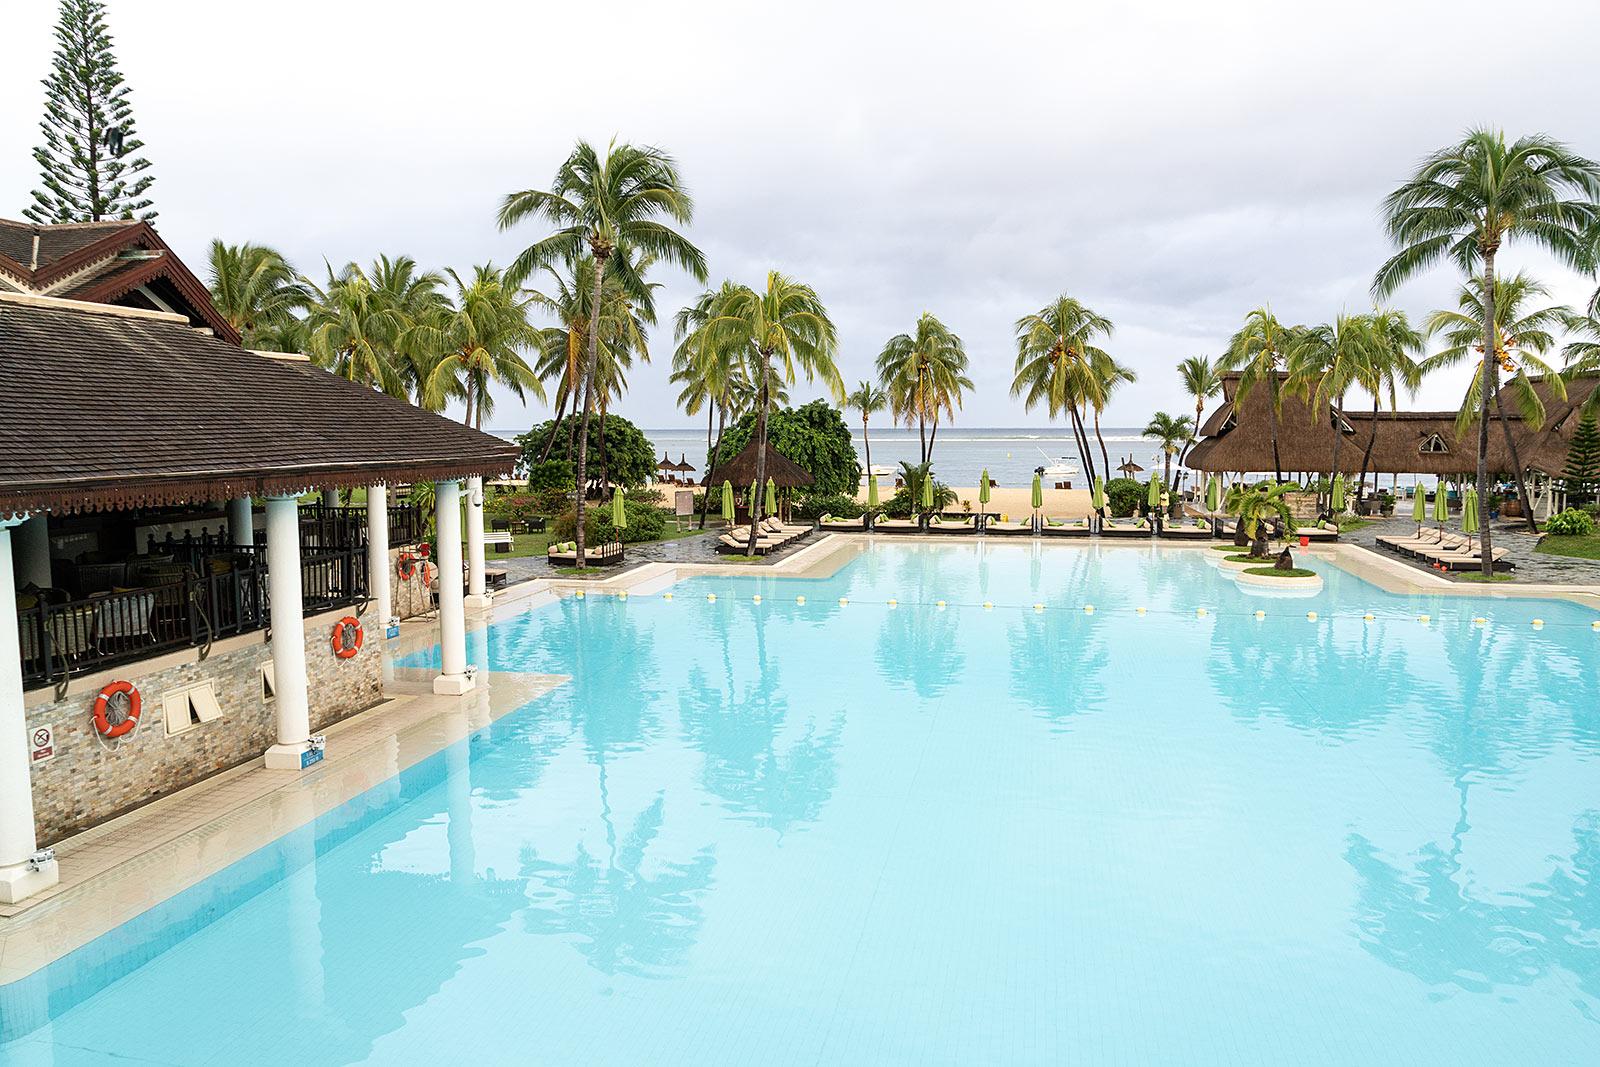 sofitel mauritius pool travel blog sunnyinga